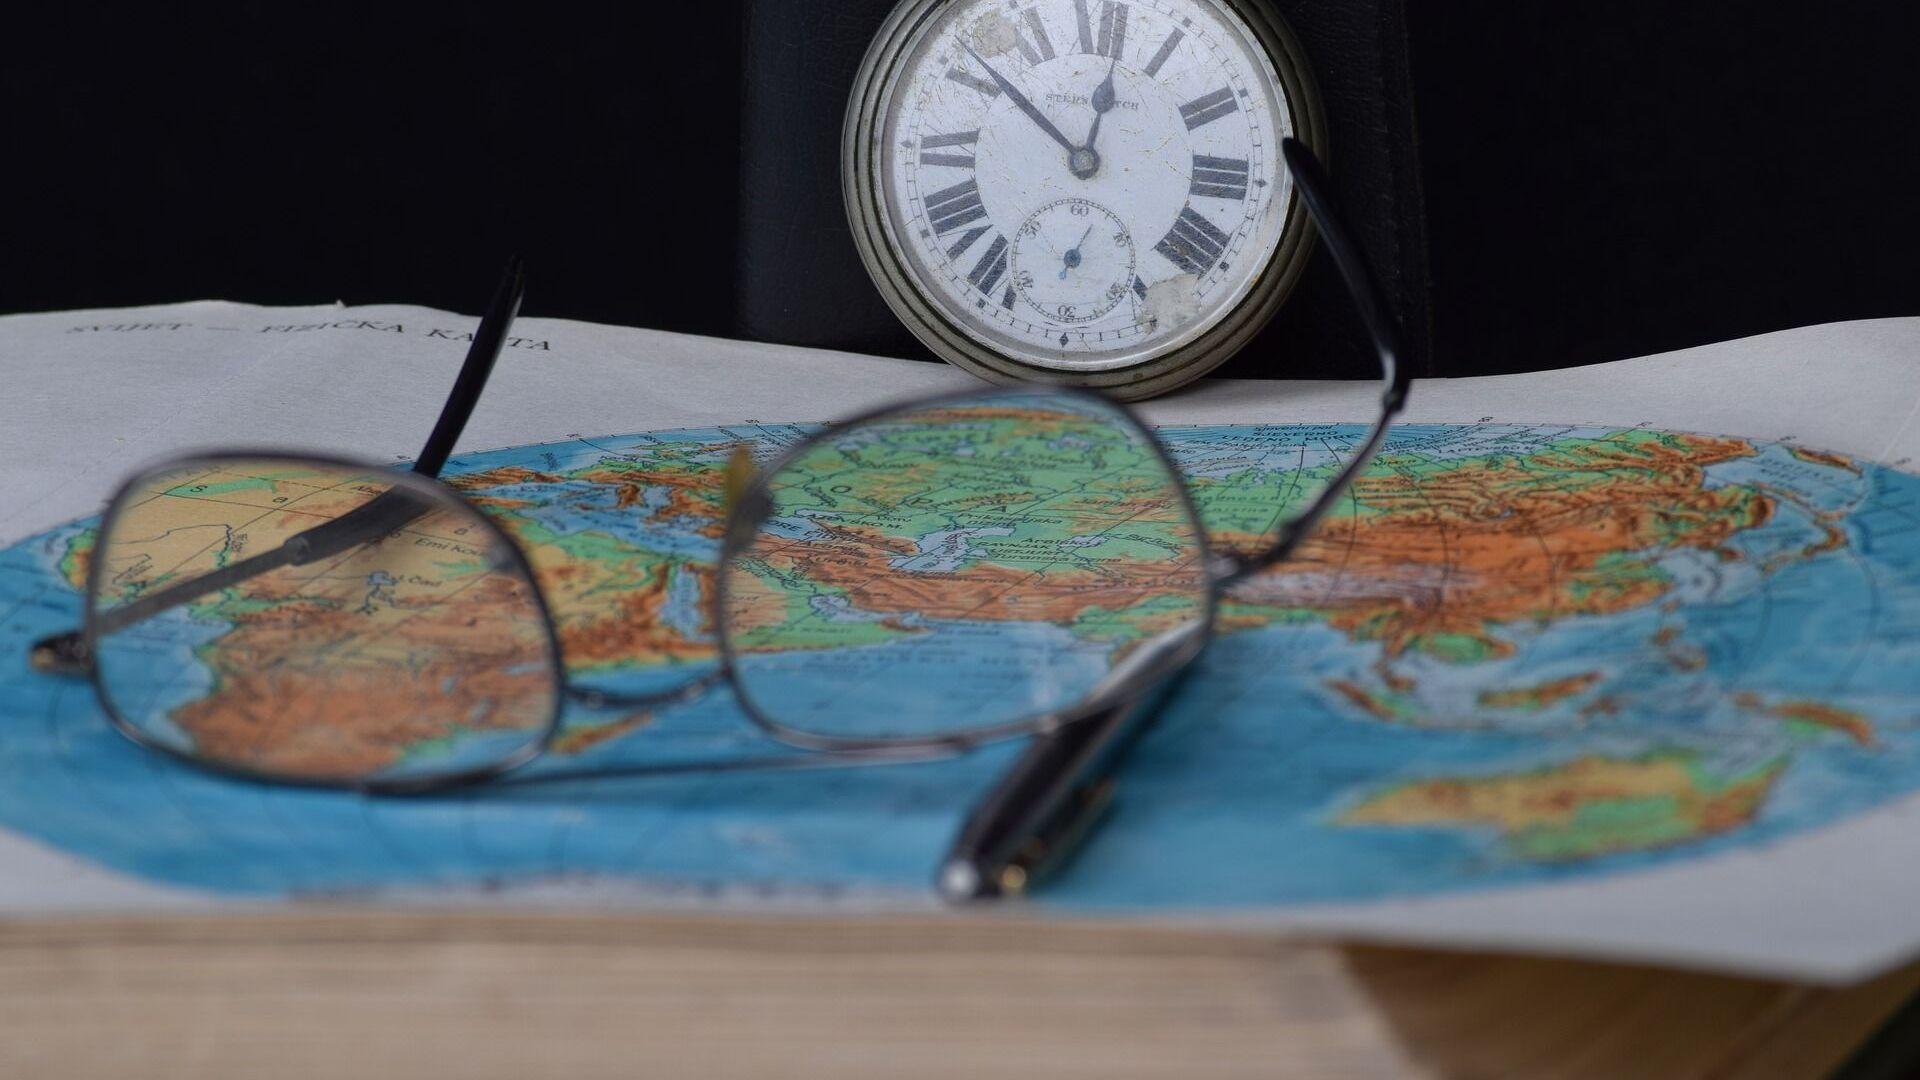 Unas gafas en un mapa del mundo (imagen referencial) - Sputnik Mundo, 1920, 16.11.2020